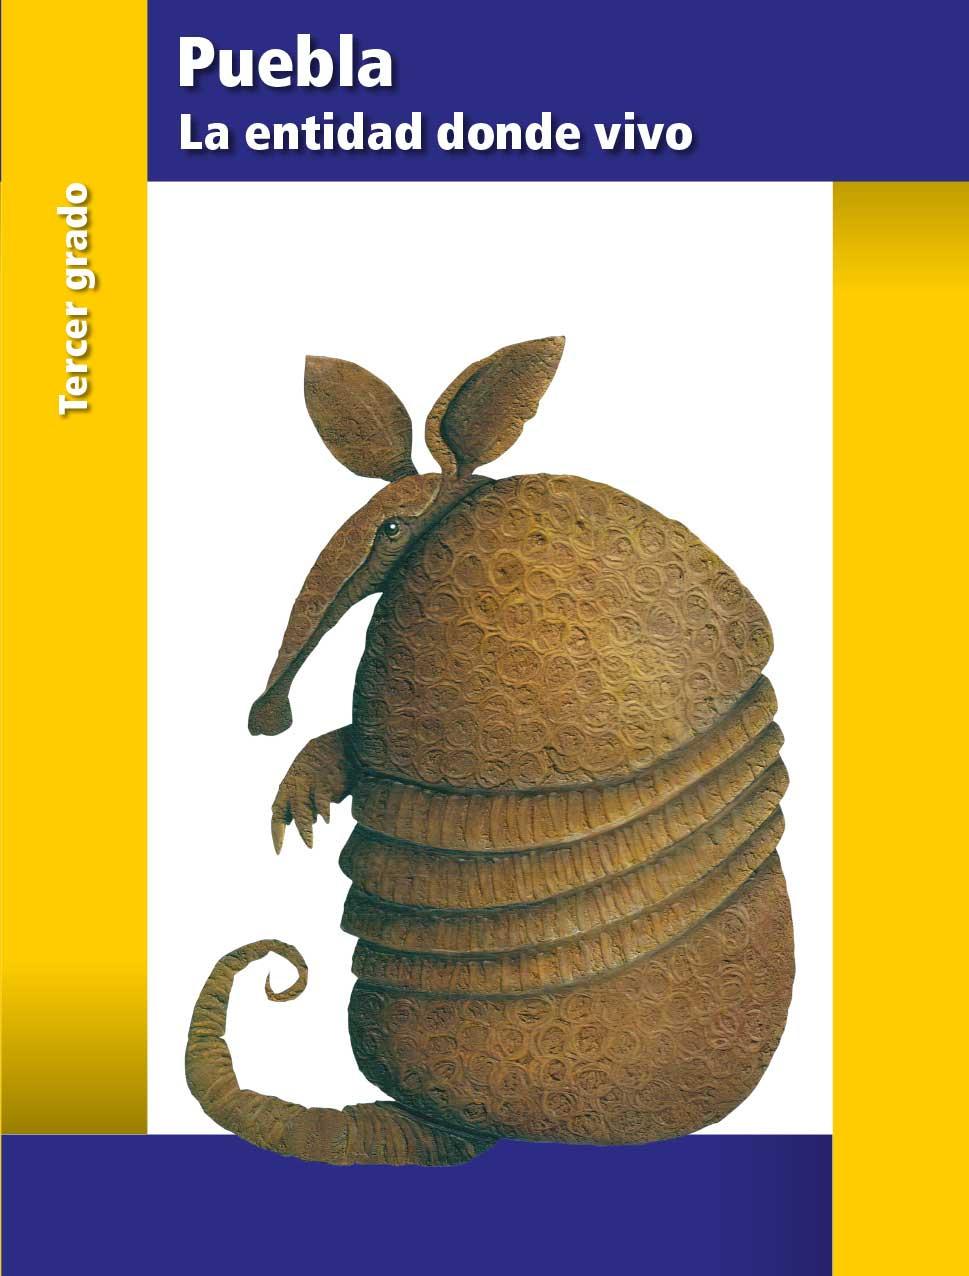 La Entidad Donde Vivo Puebla Libro De Primaria Grado 3 Comision Nacional De Libros De Texto Gratuitos